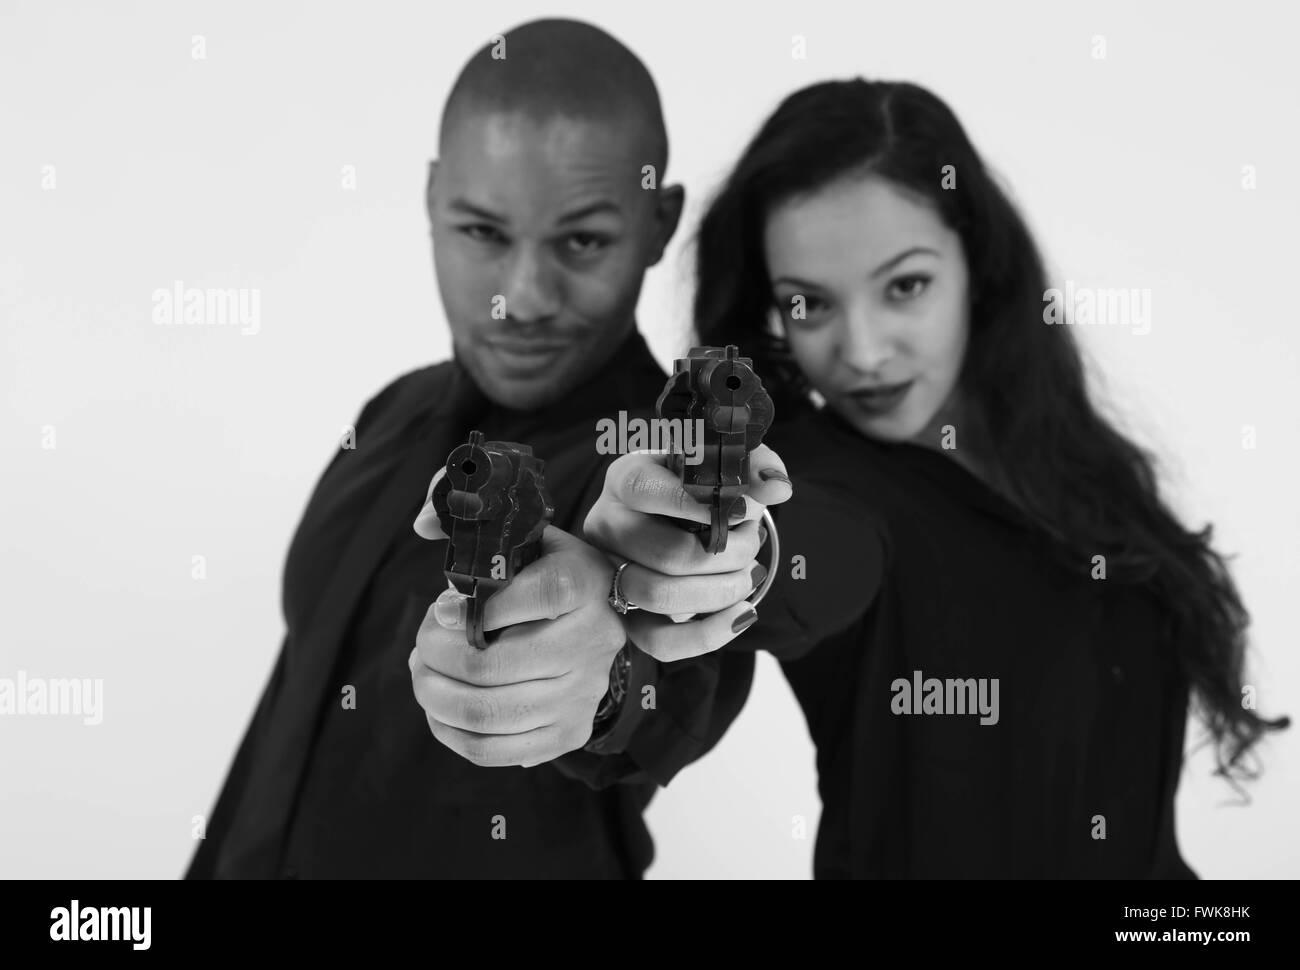 Retrato de moda Gangster amigos apuntando a la Cámara pistola contra el fondo blanco. Foto de stock